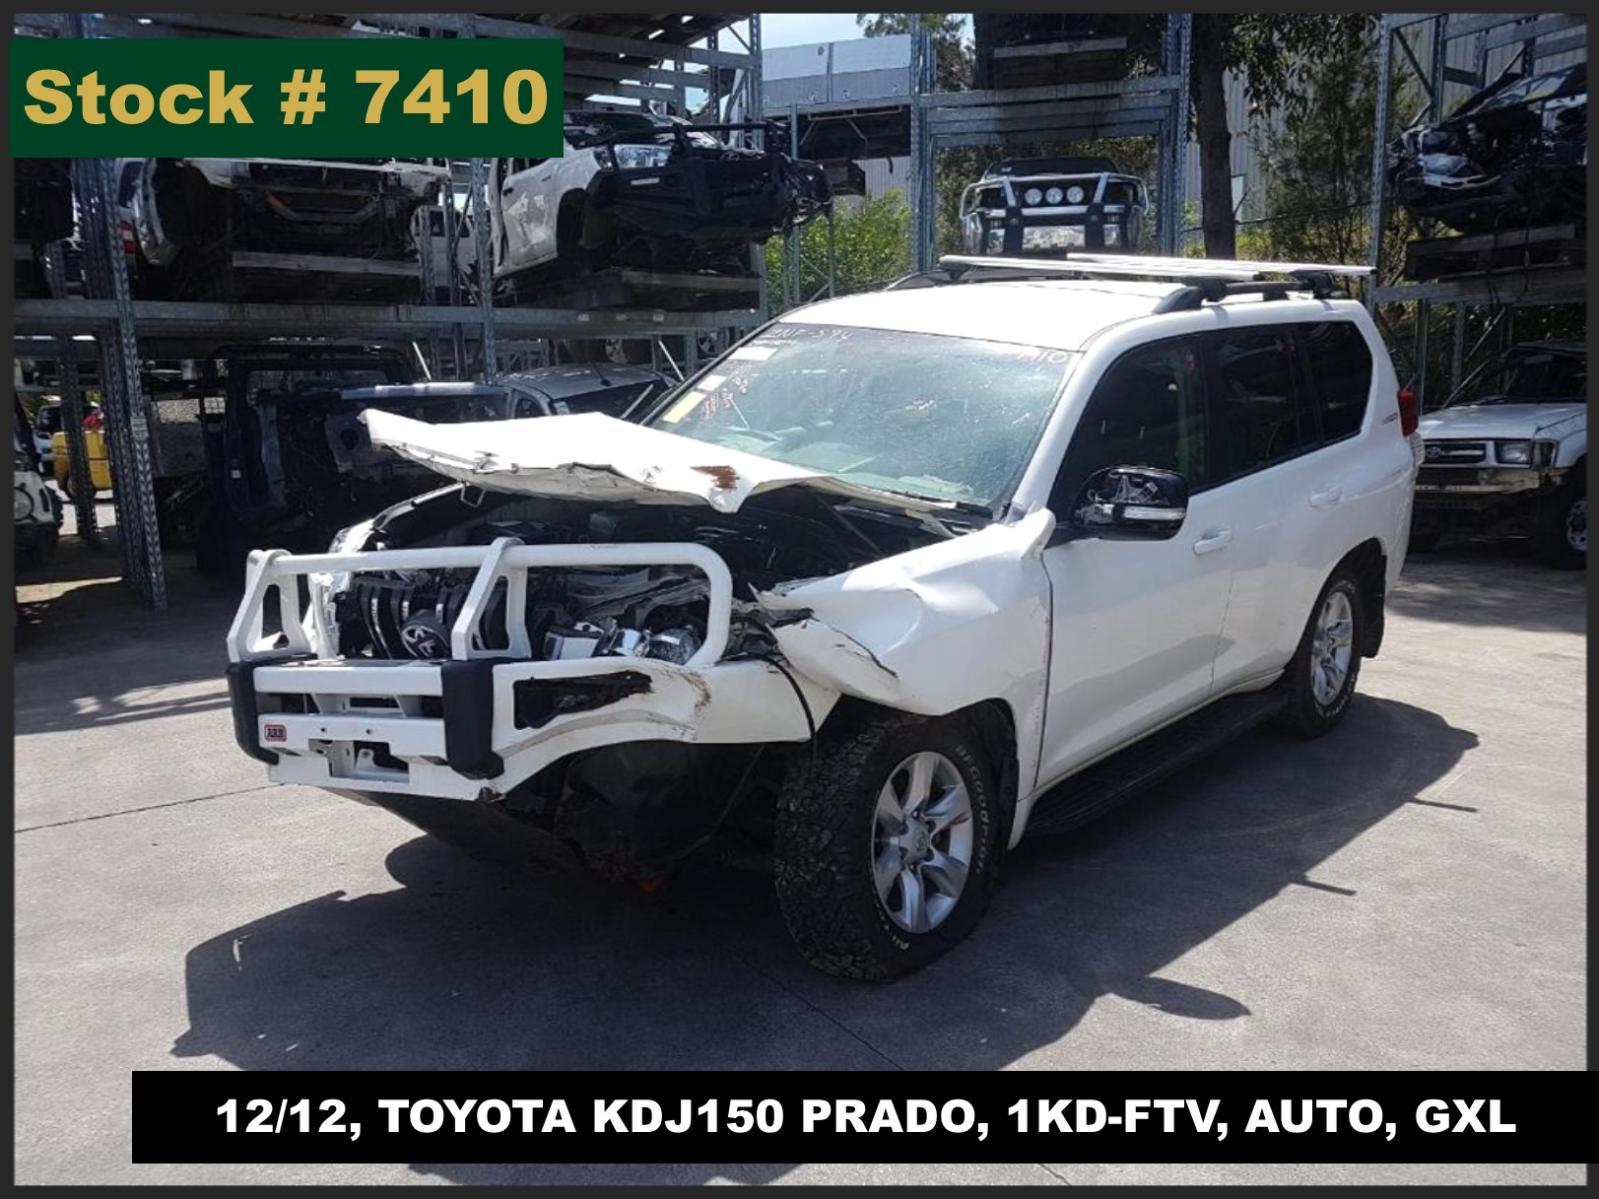 Image for a Toyota Prado 2012 4 Door Station Wagon